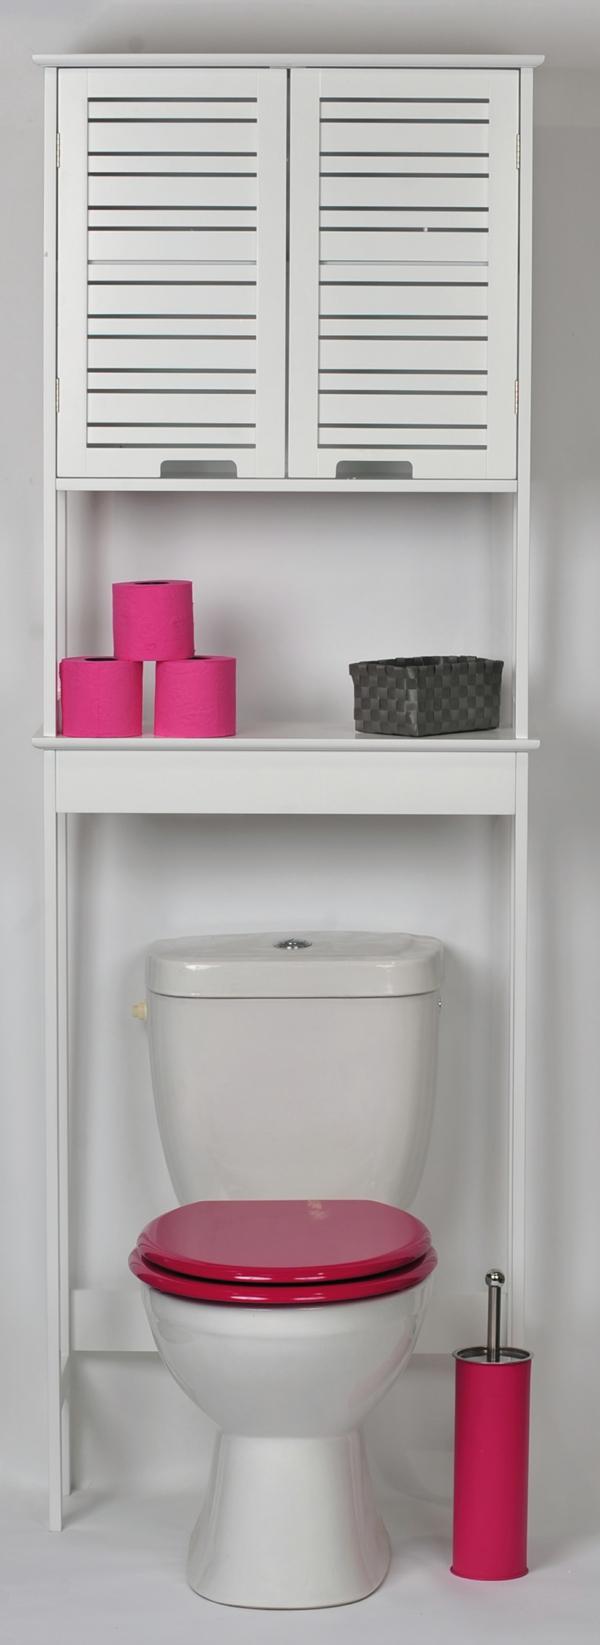 meuble-wc-pour-la-salle-de-bain-en-blanc-confortable-avec-un-armoire-et-plusieur-étagère